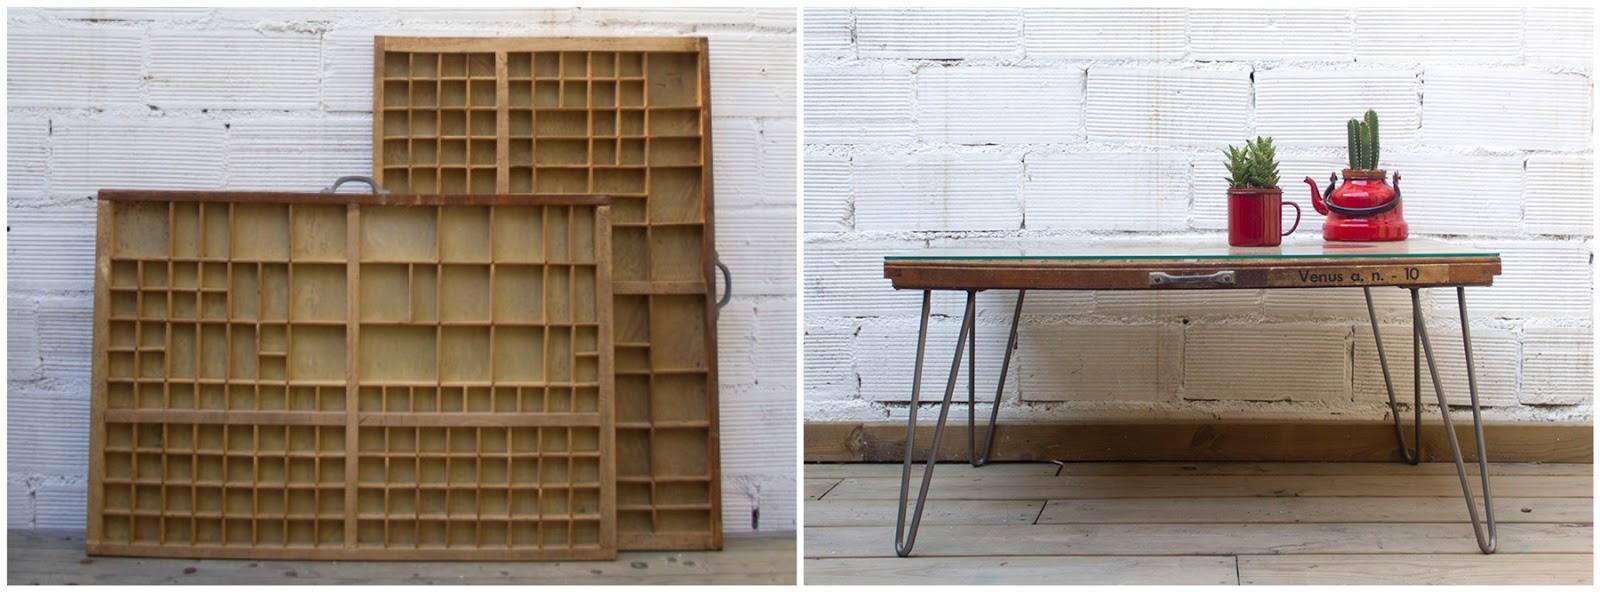 Antes y después - Un cajón de imprenta transformado en una mesita - Studio Alis